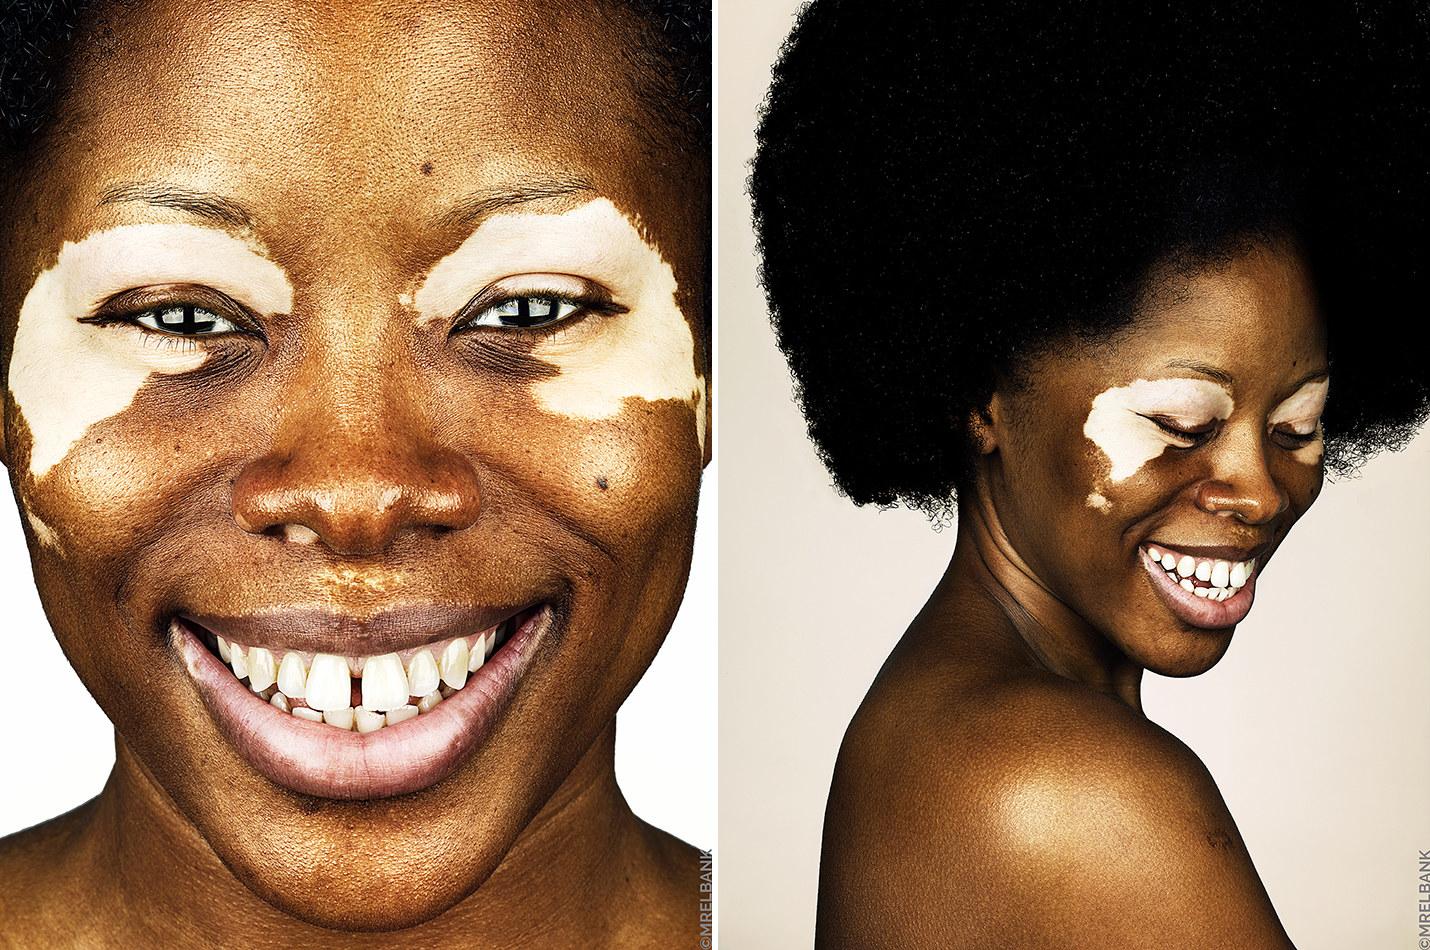 Картинки разный цвет кожи